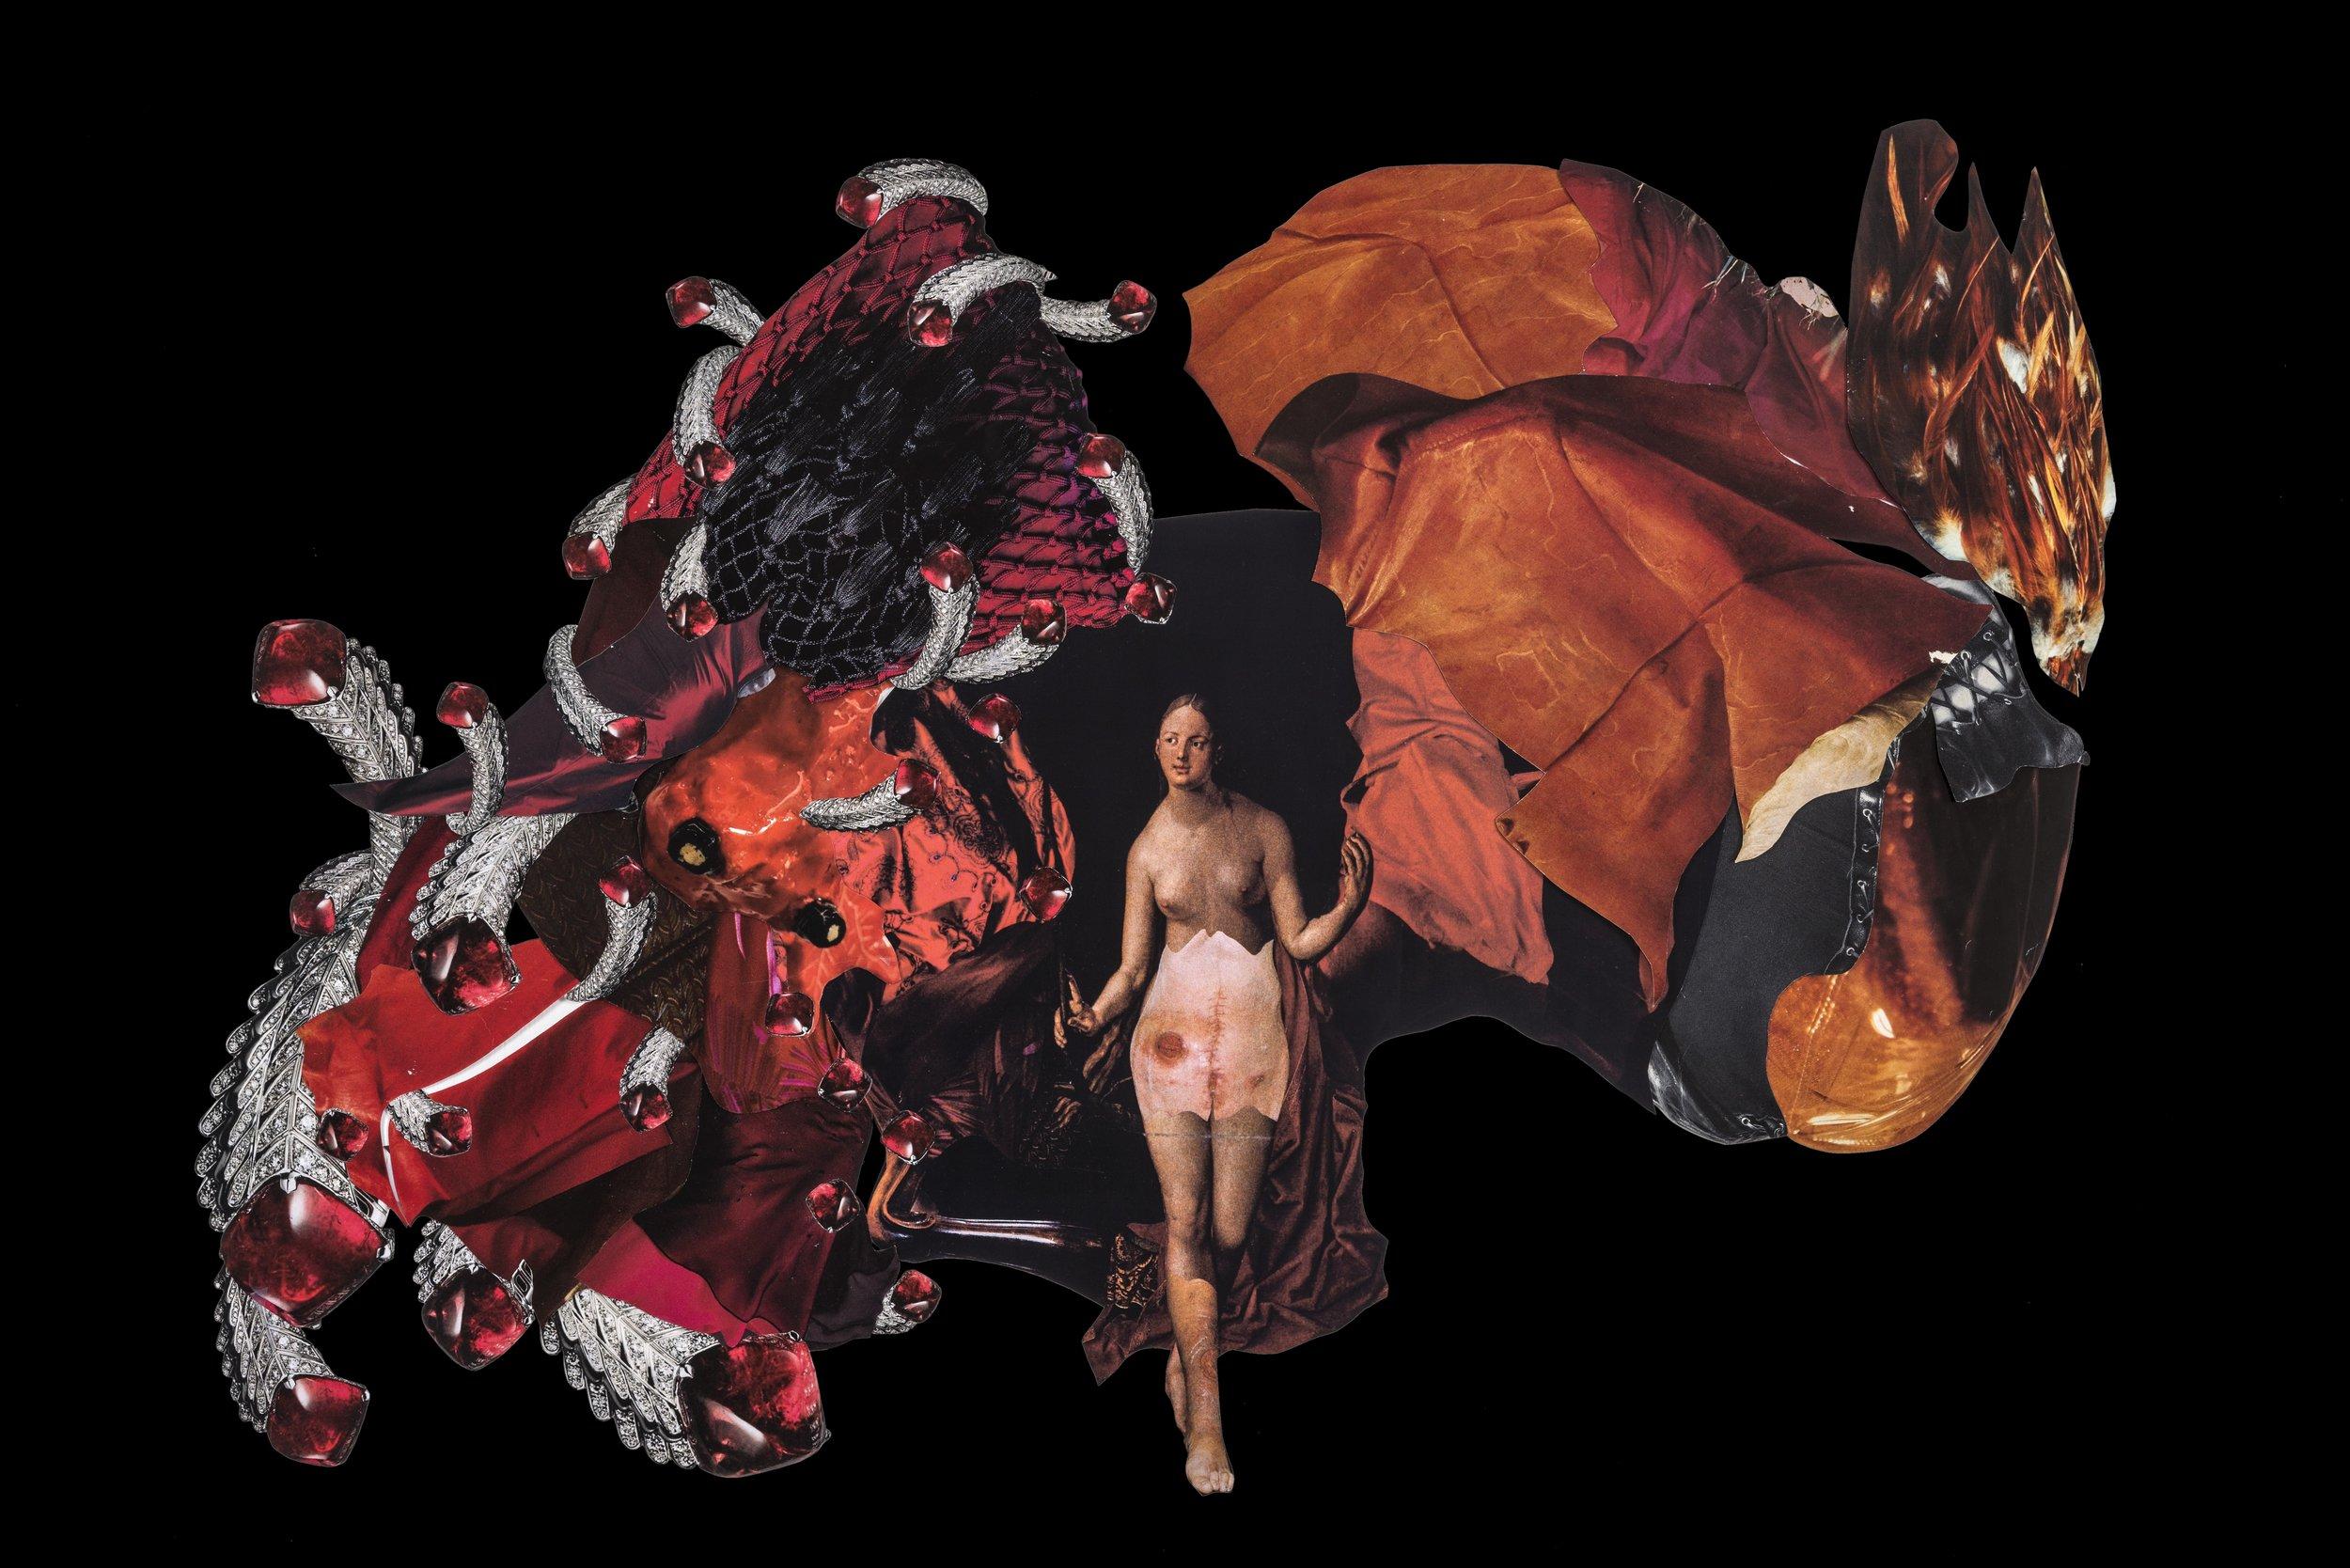 Sin título, 2017, collage, 40 x57. Imágenes de revistas y catálogos de historia del arte, moda y medicina. Catálogo de joyería Dior (Referencia jewellery_JPLM93001) Catálogo de joyería Paola Van der Hulst (Referencia Ruby-Pearl Earring PVDH)